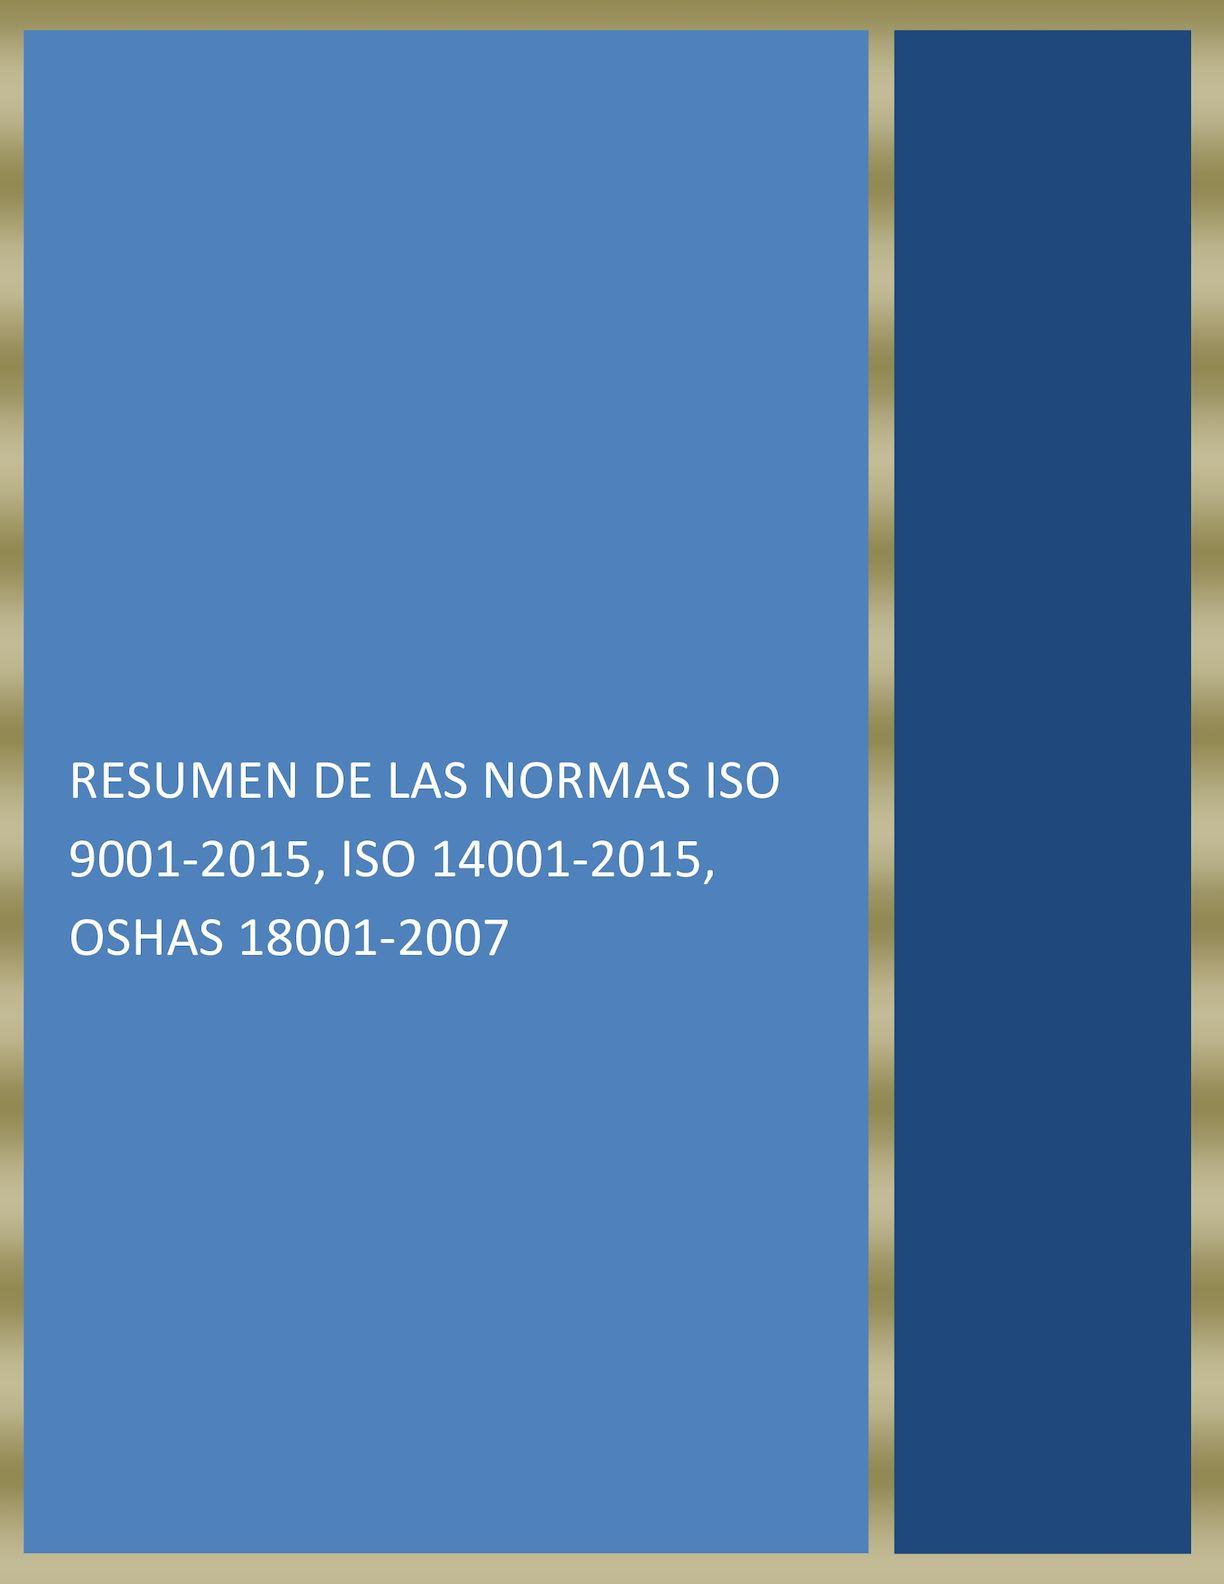 Resumen De La Norma Iso 9001 Del 2015